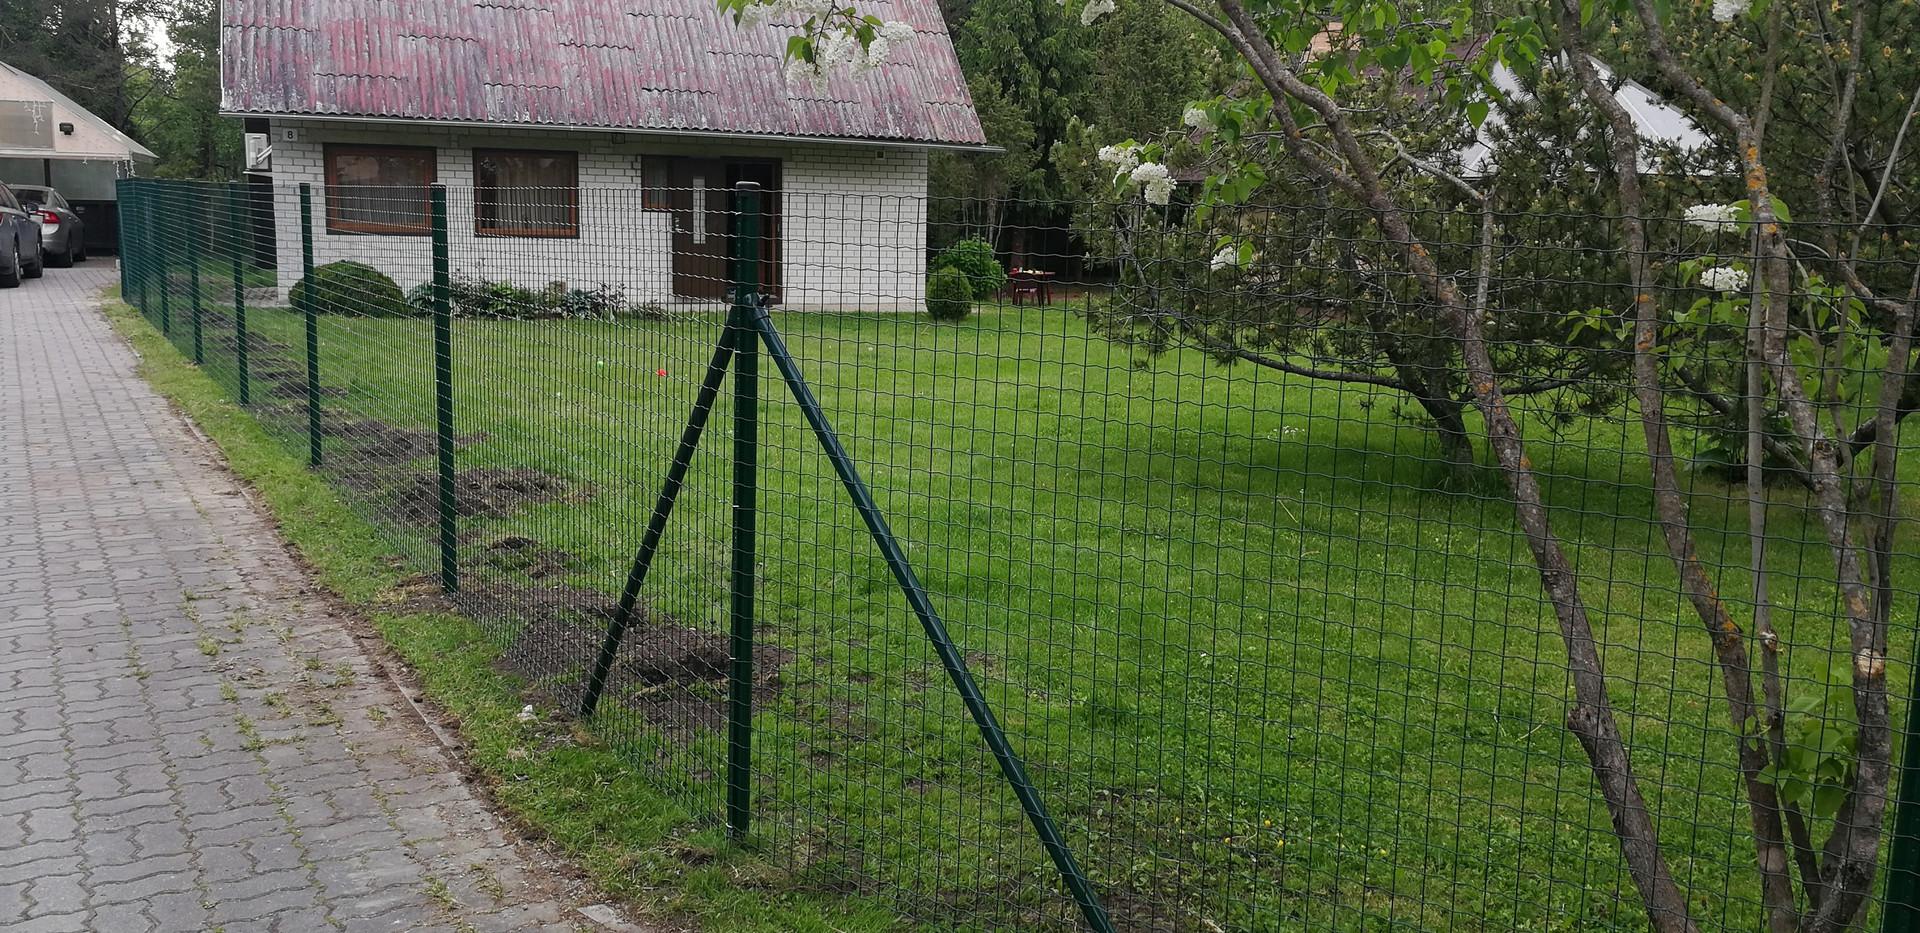 Keevisvõrk aed Türisalu (3).jpg